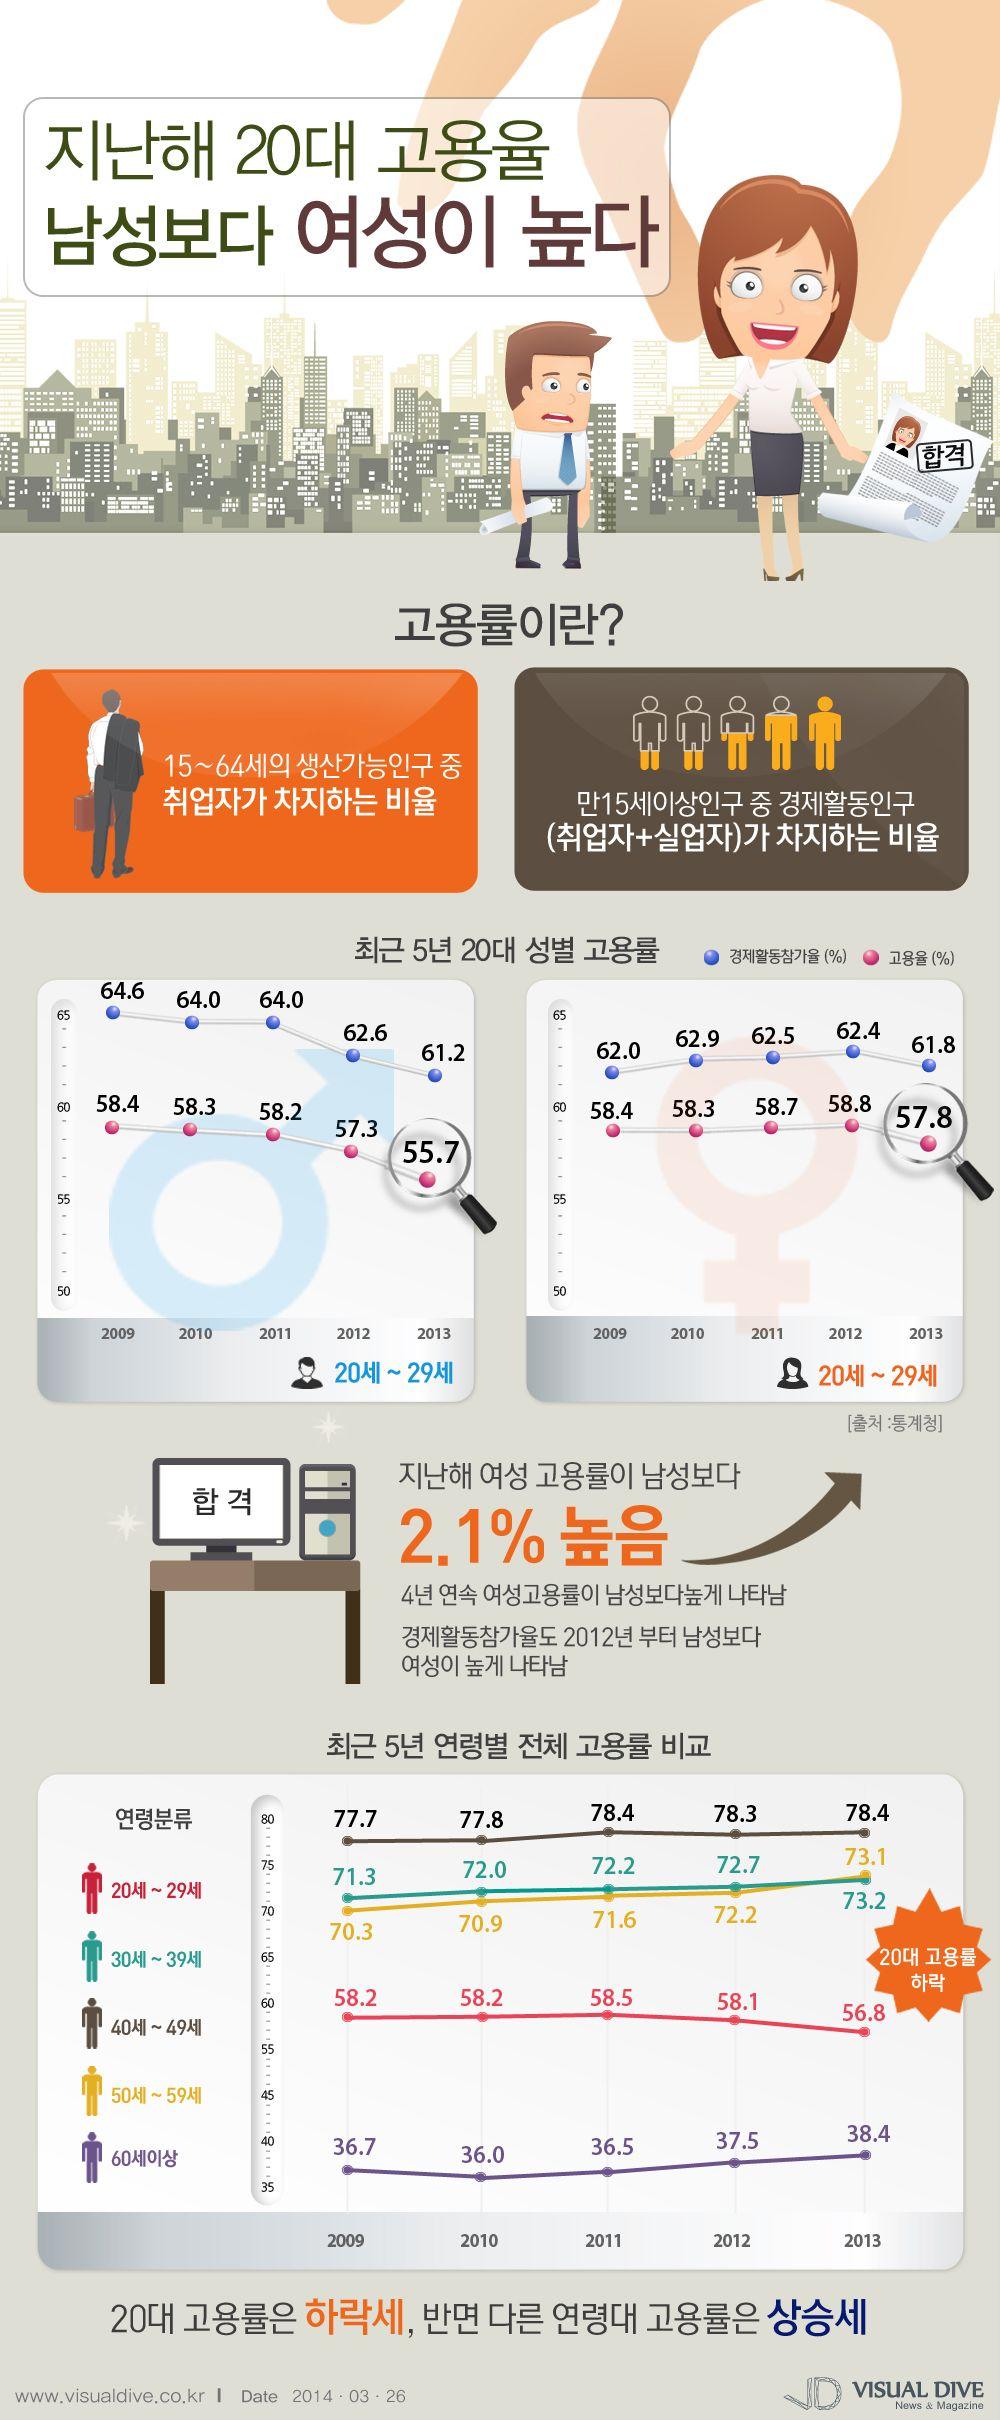 4년 연속 여성 고용률, 남성보다 높아 [인포그래픽]  #job #Infographic ⓒ 비주얼다이브 무단 복사·전재·재배포 금지